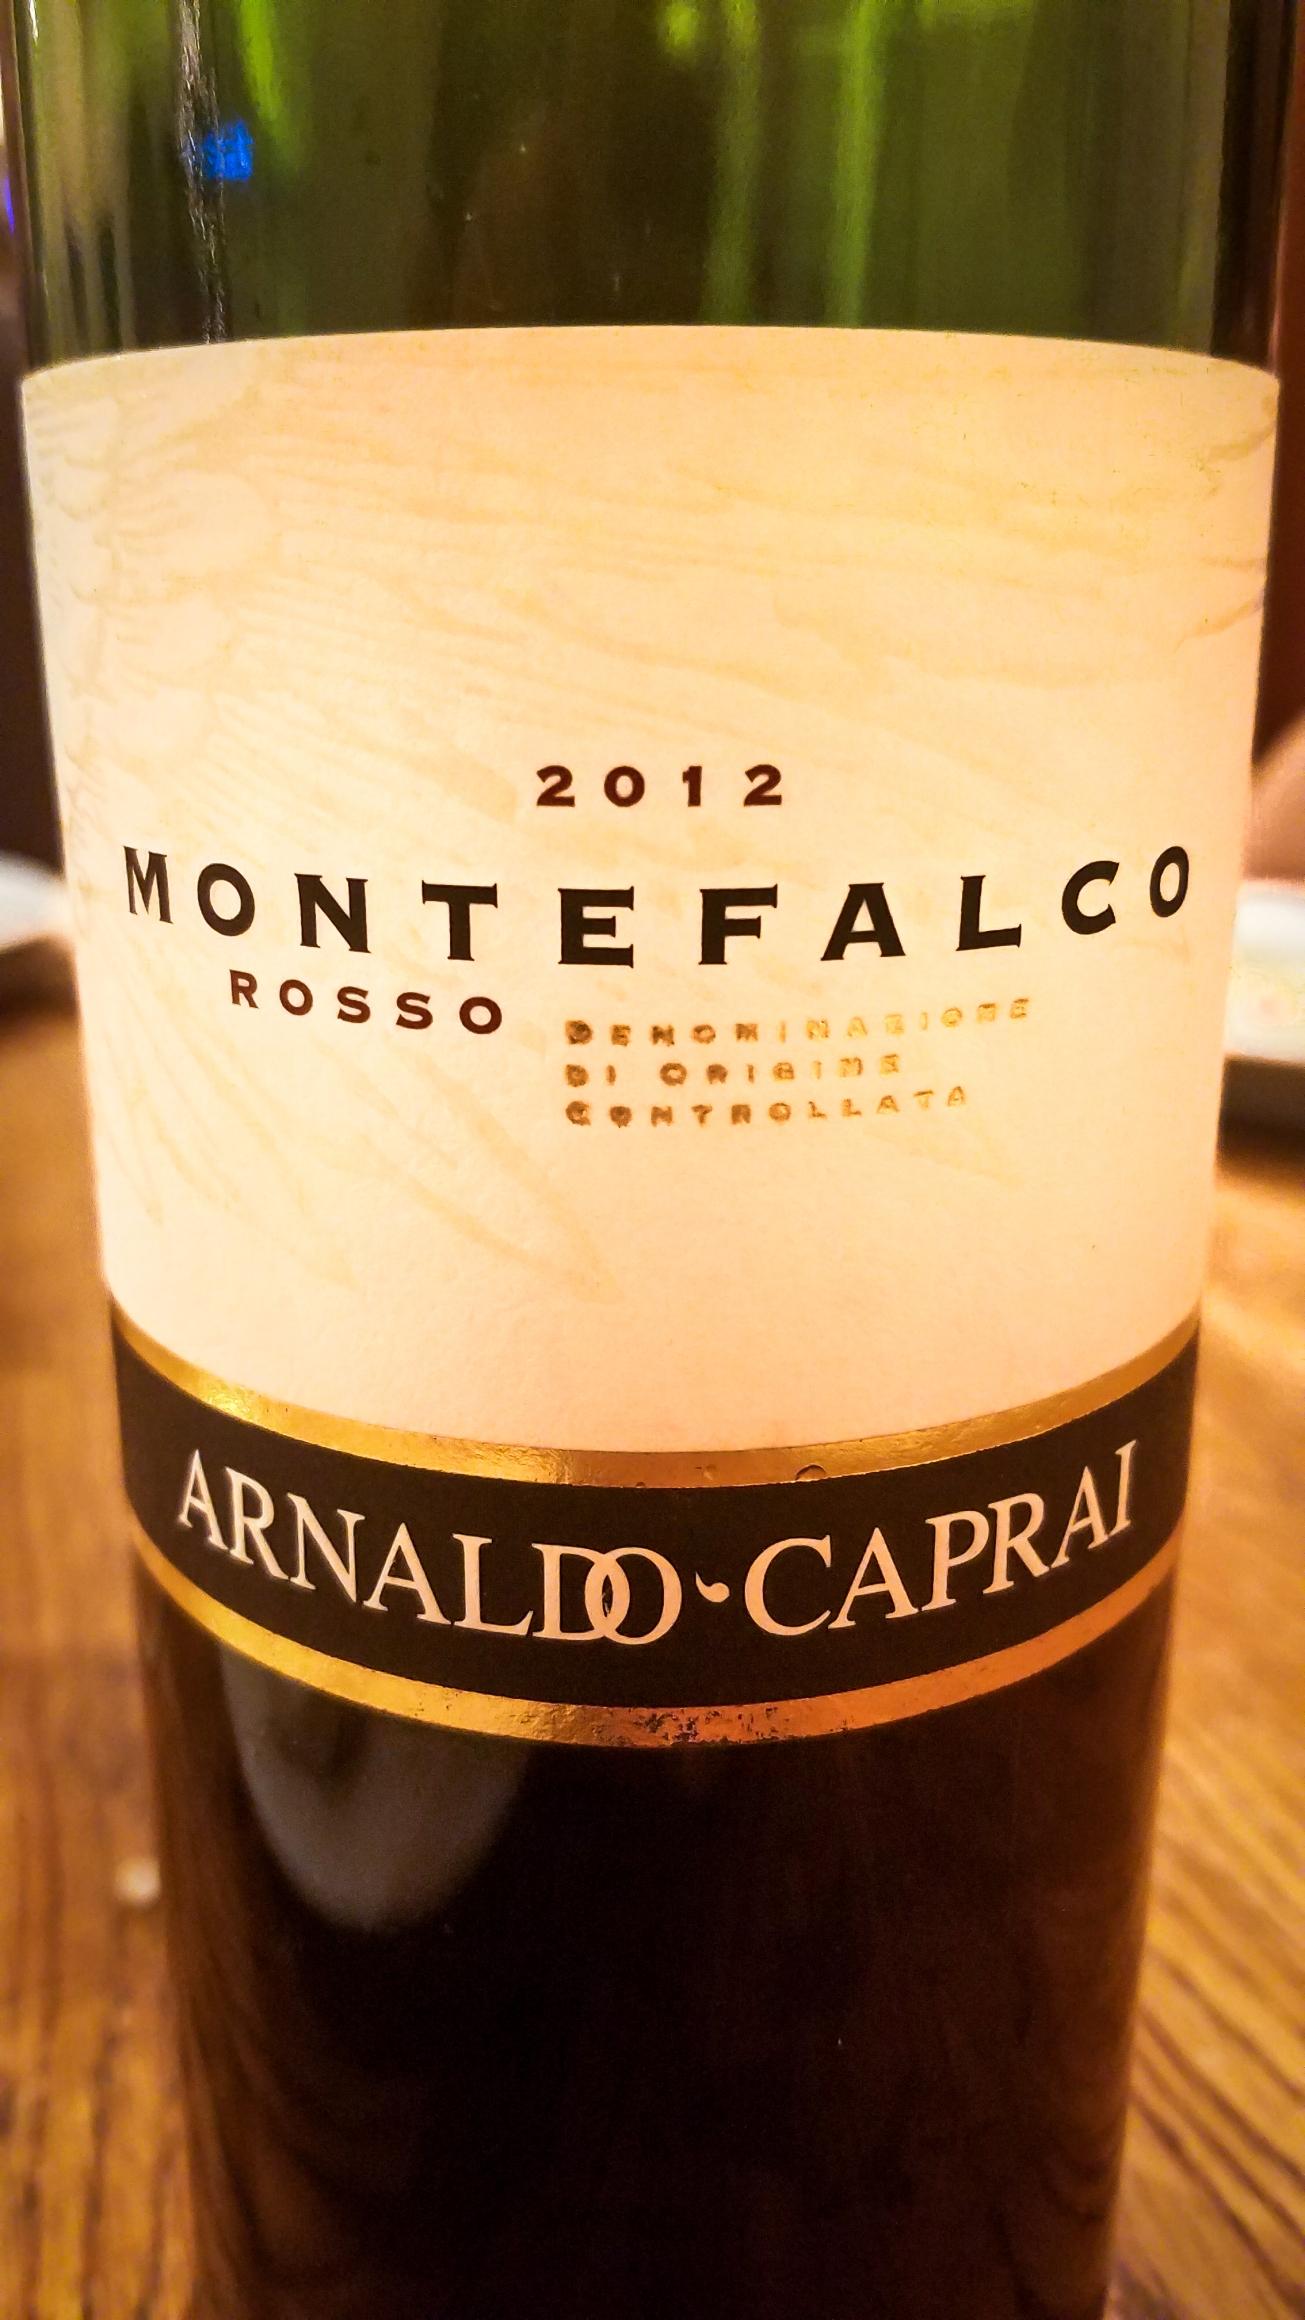 2012 Arnaldo-Caprai Montefalco Rosso